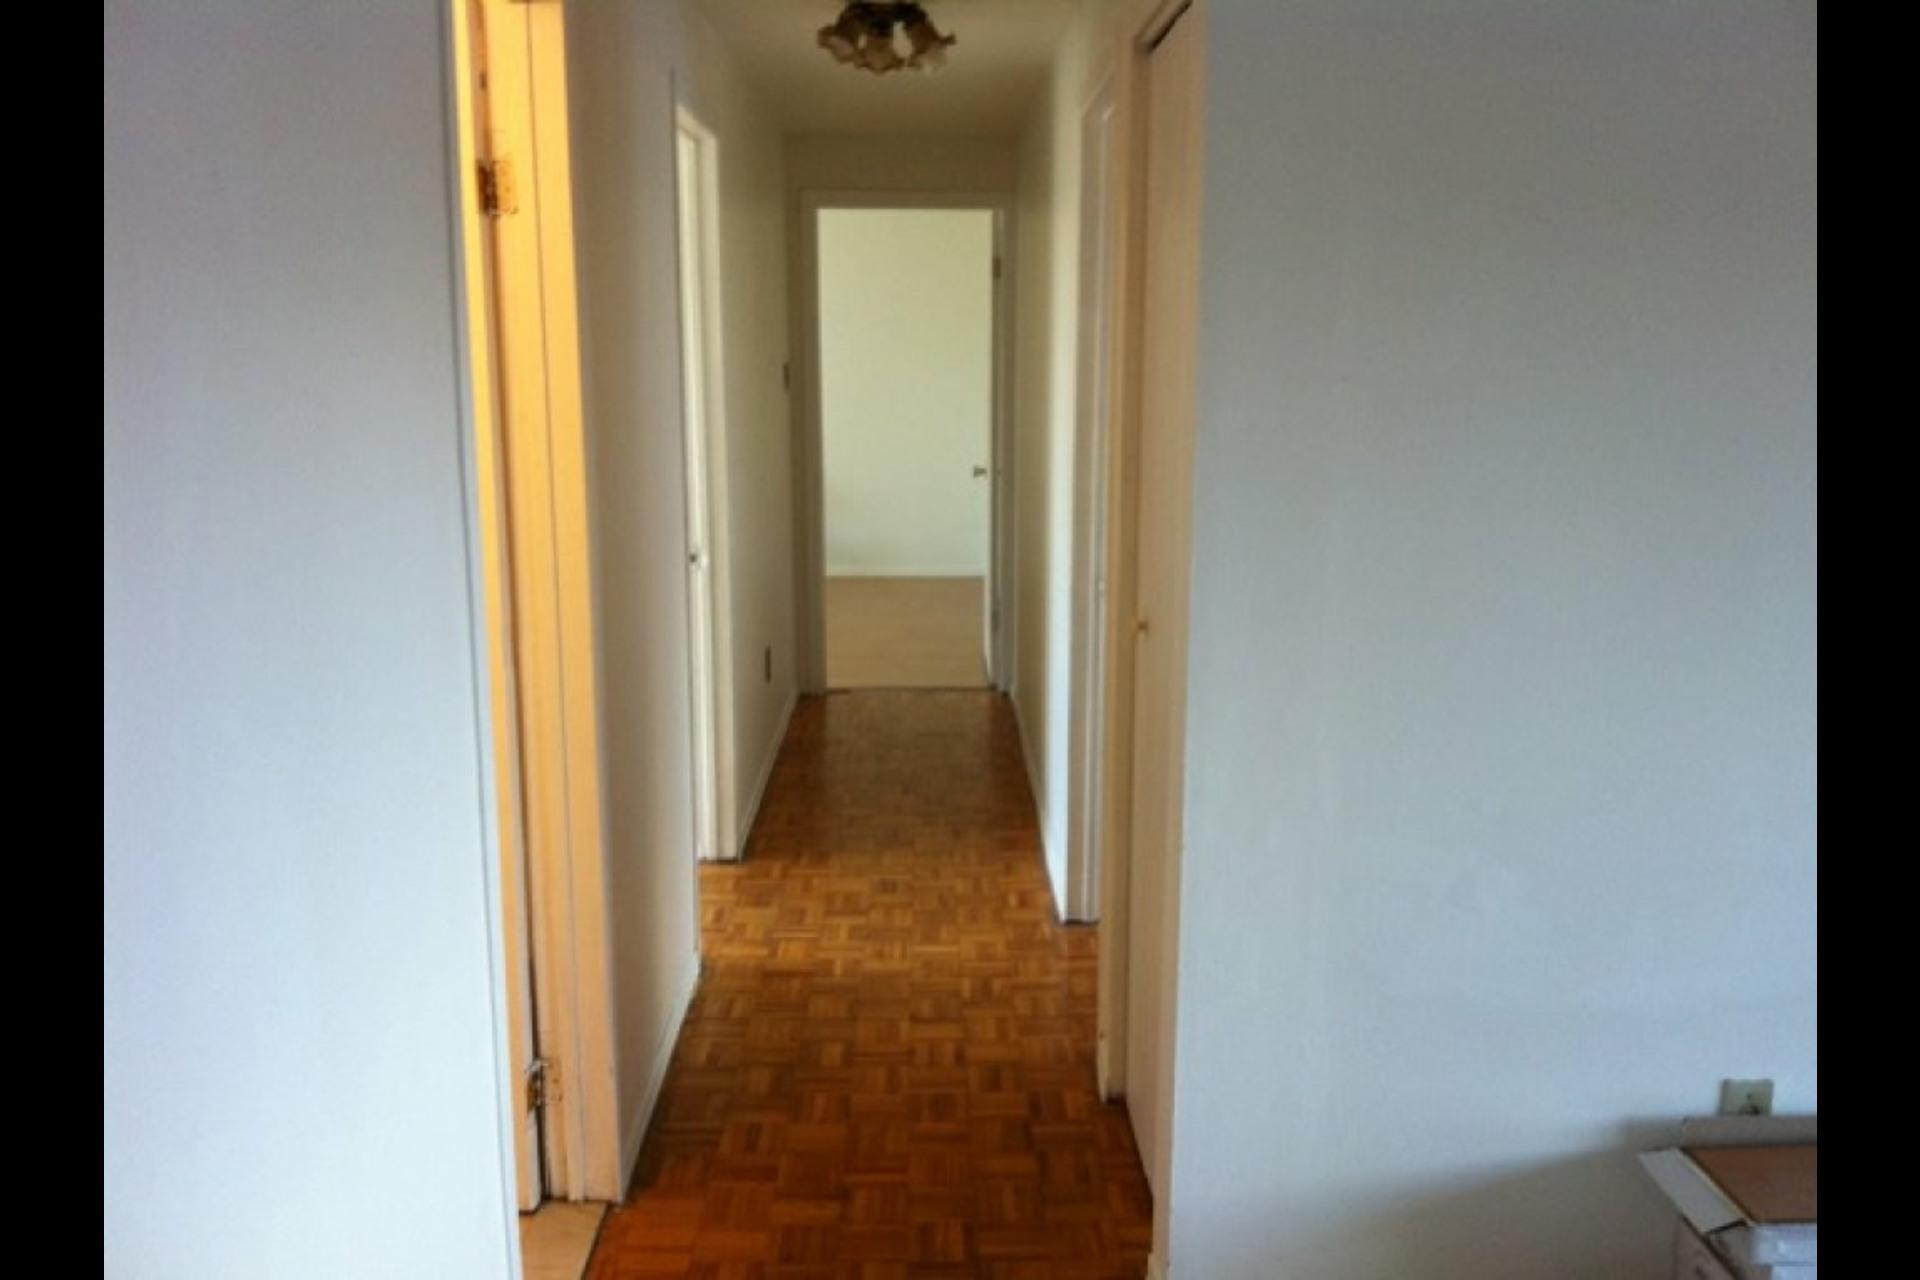 image 5 - Appartement À louer Lachine Montréal  - 6 pièces